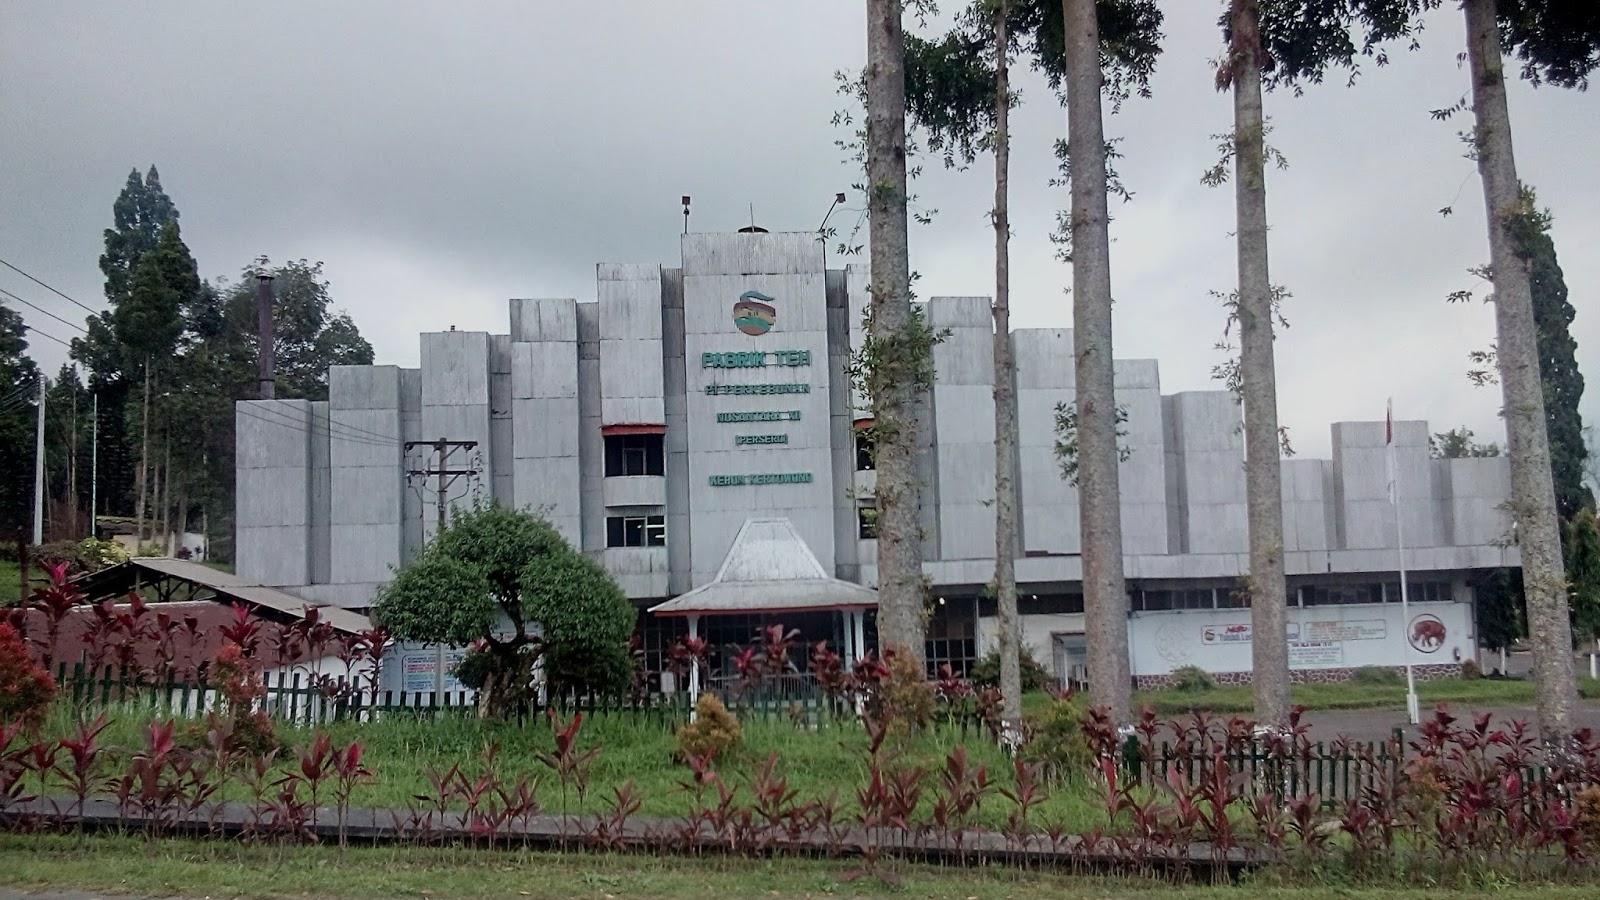 Paket Wisata Puncak Kbr 74 Kebun Teh Kertowono Pabrik Gucialit